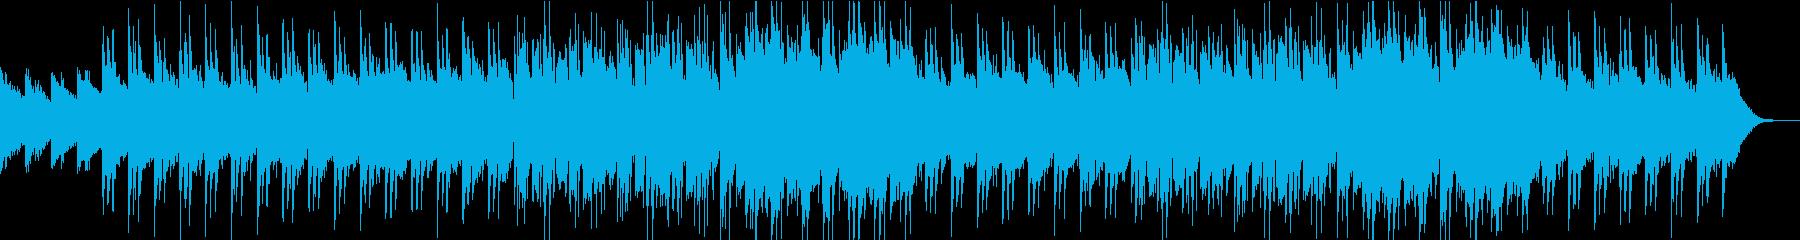 おしゃれな雰囲気のネオジャズ風ポップの再生済みの波形